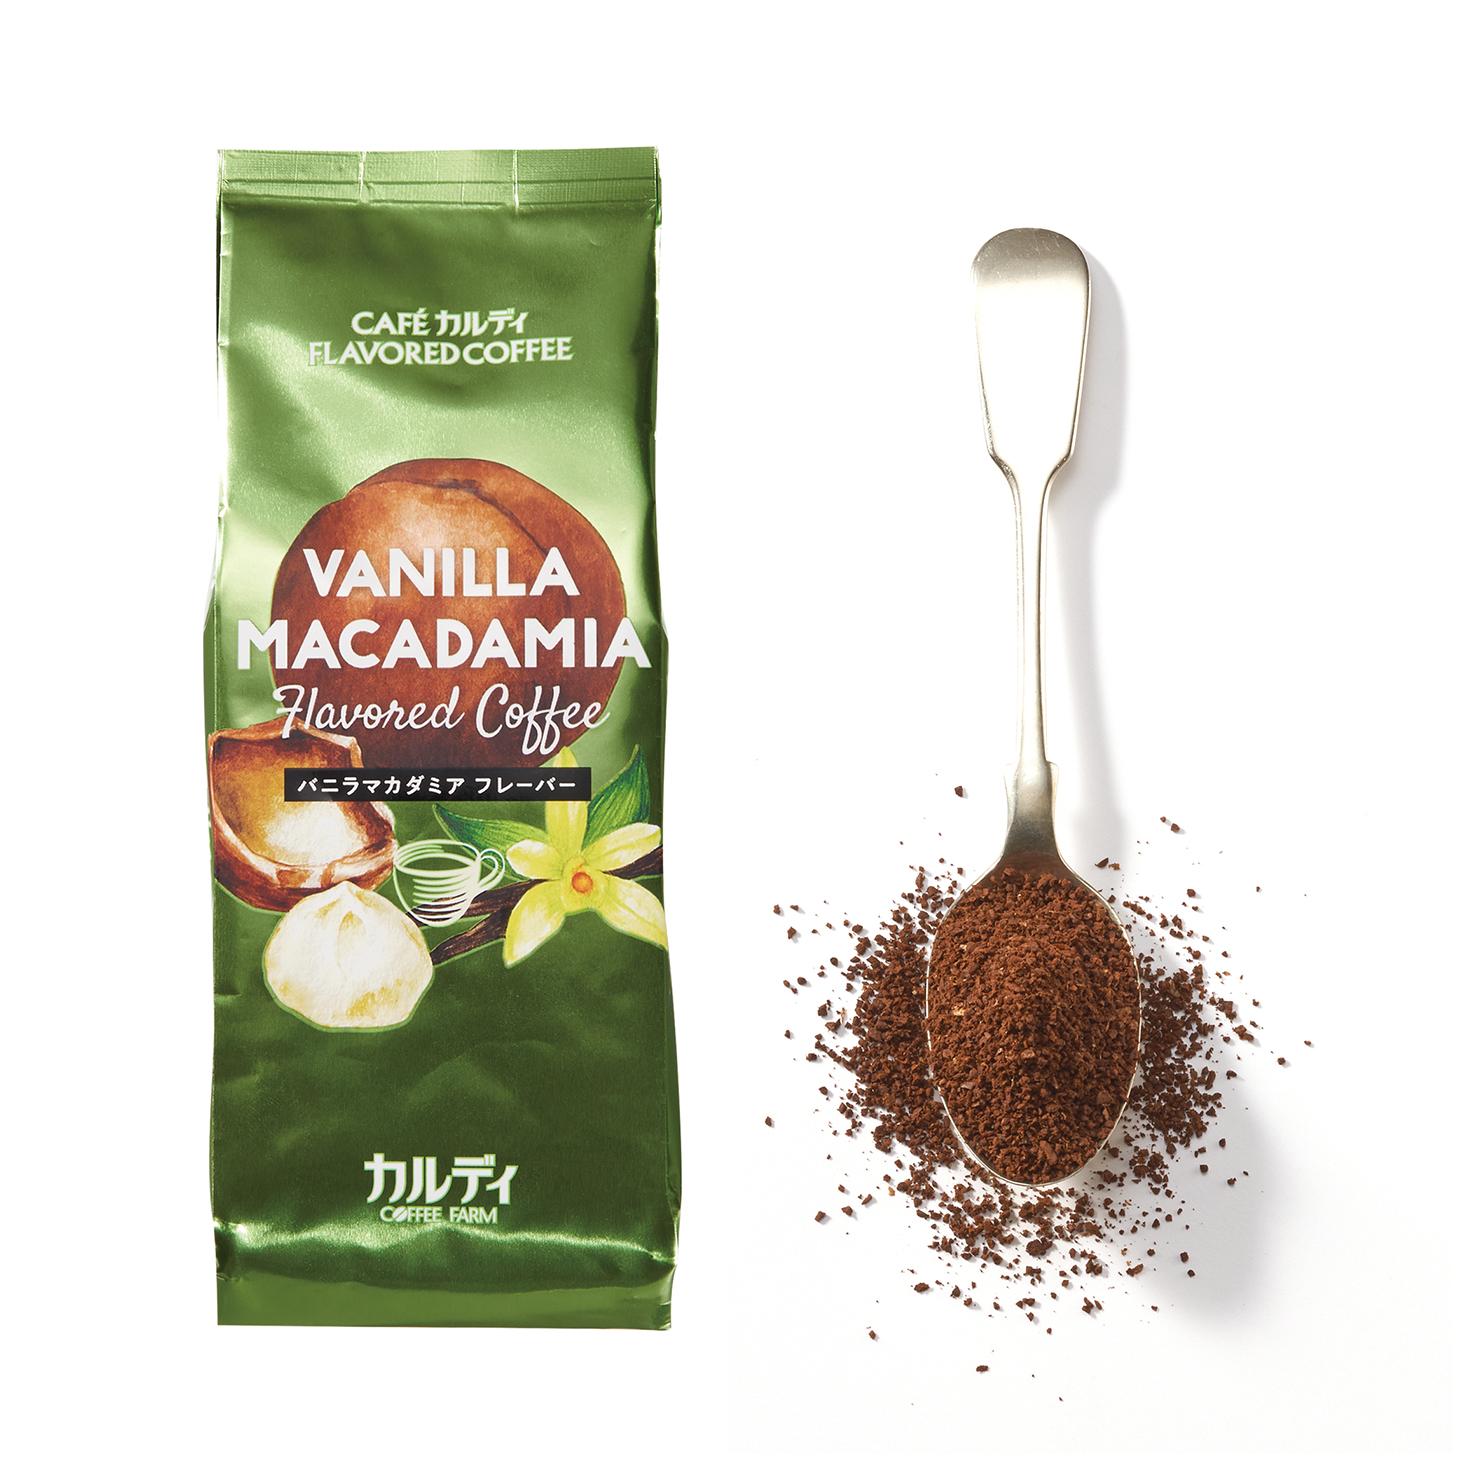 #コーヒーの日 に飲みたい『カルディコーヒーファーム』の新作フレーバーコーヒーを紹介! おすすめアレンジも_2